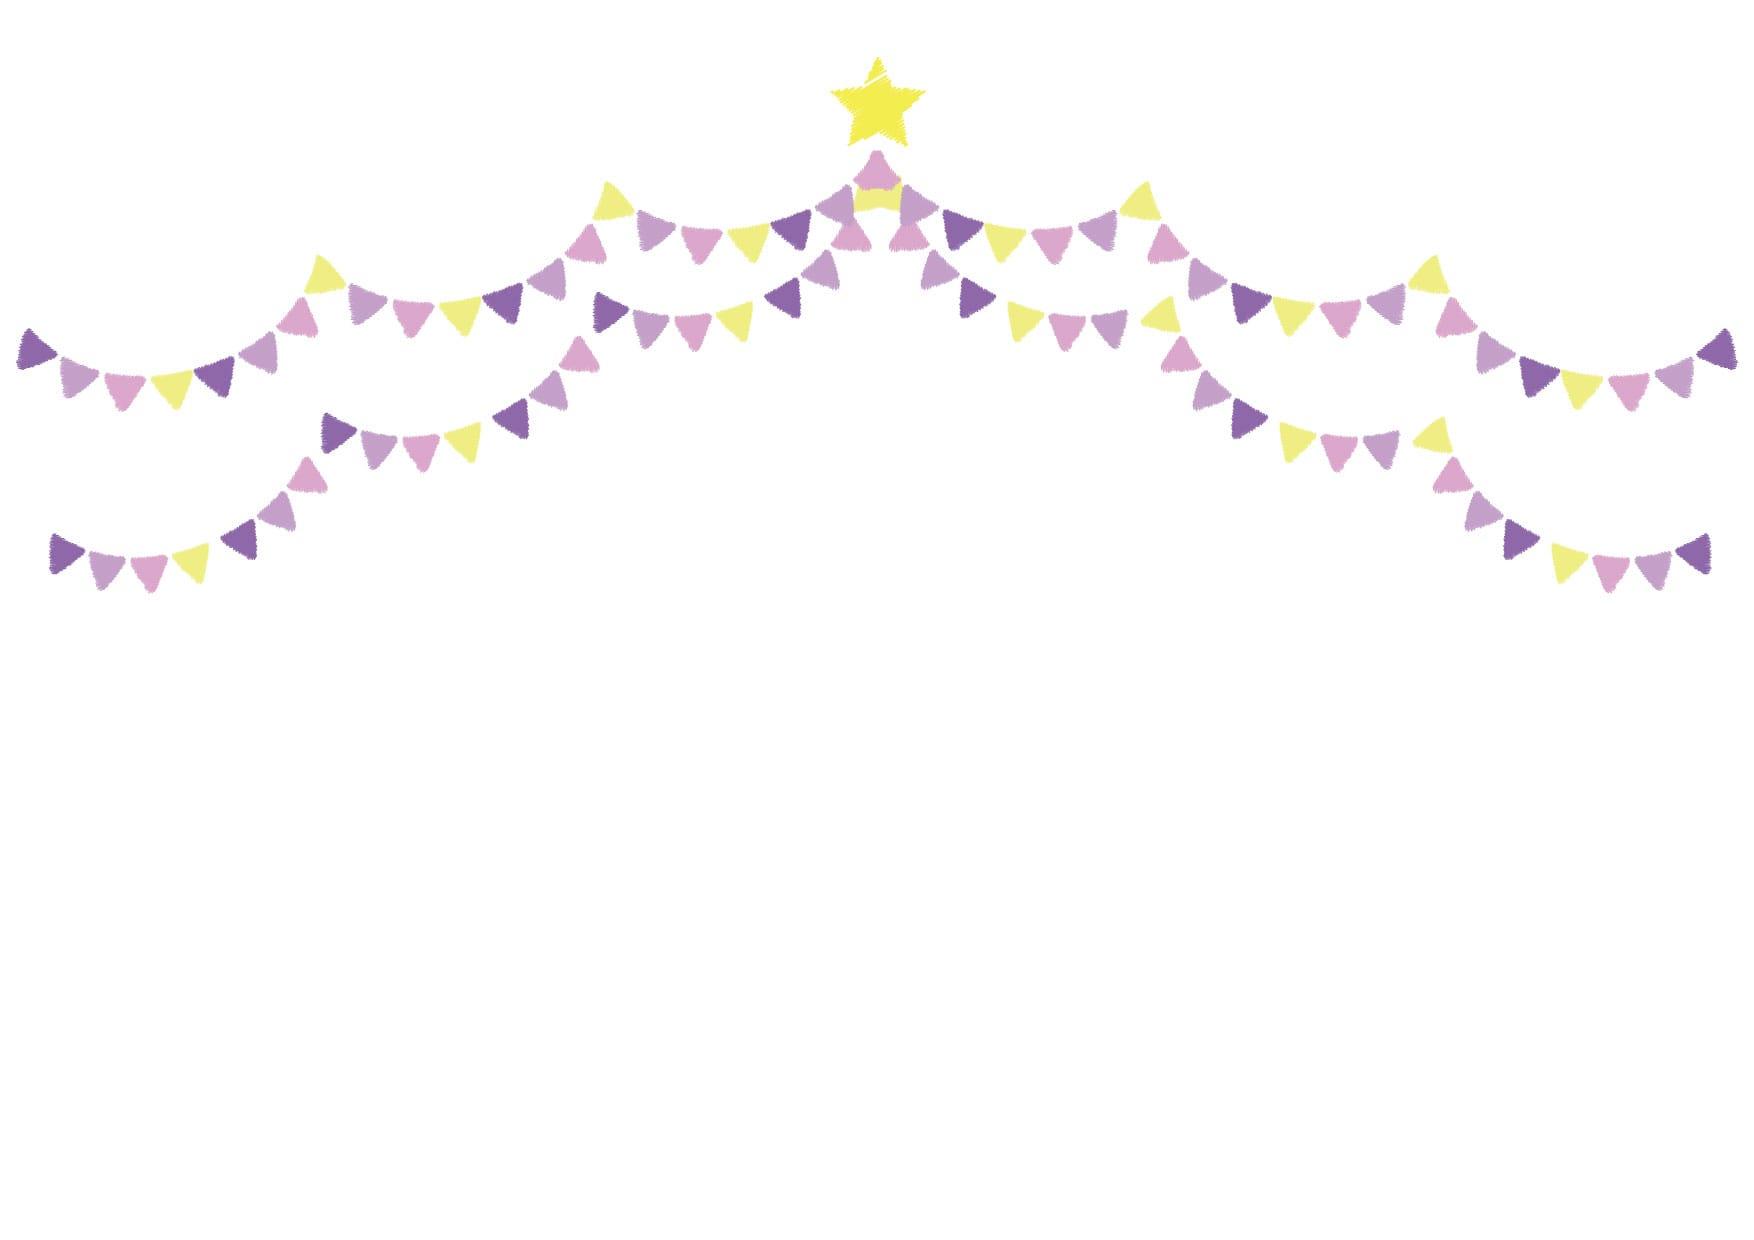 フラッグ 紫色 背景 イラスト 無料